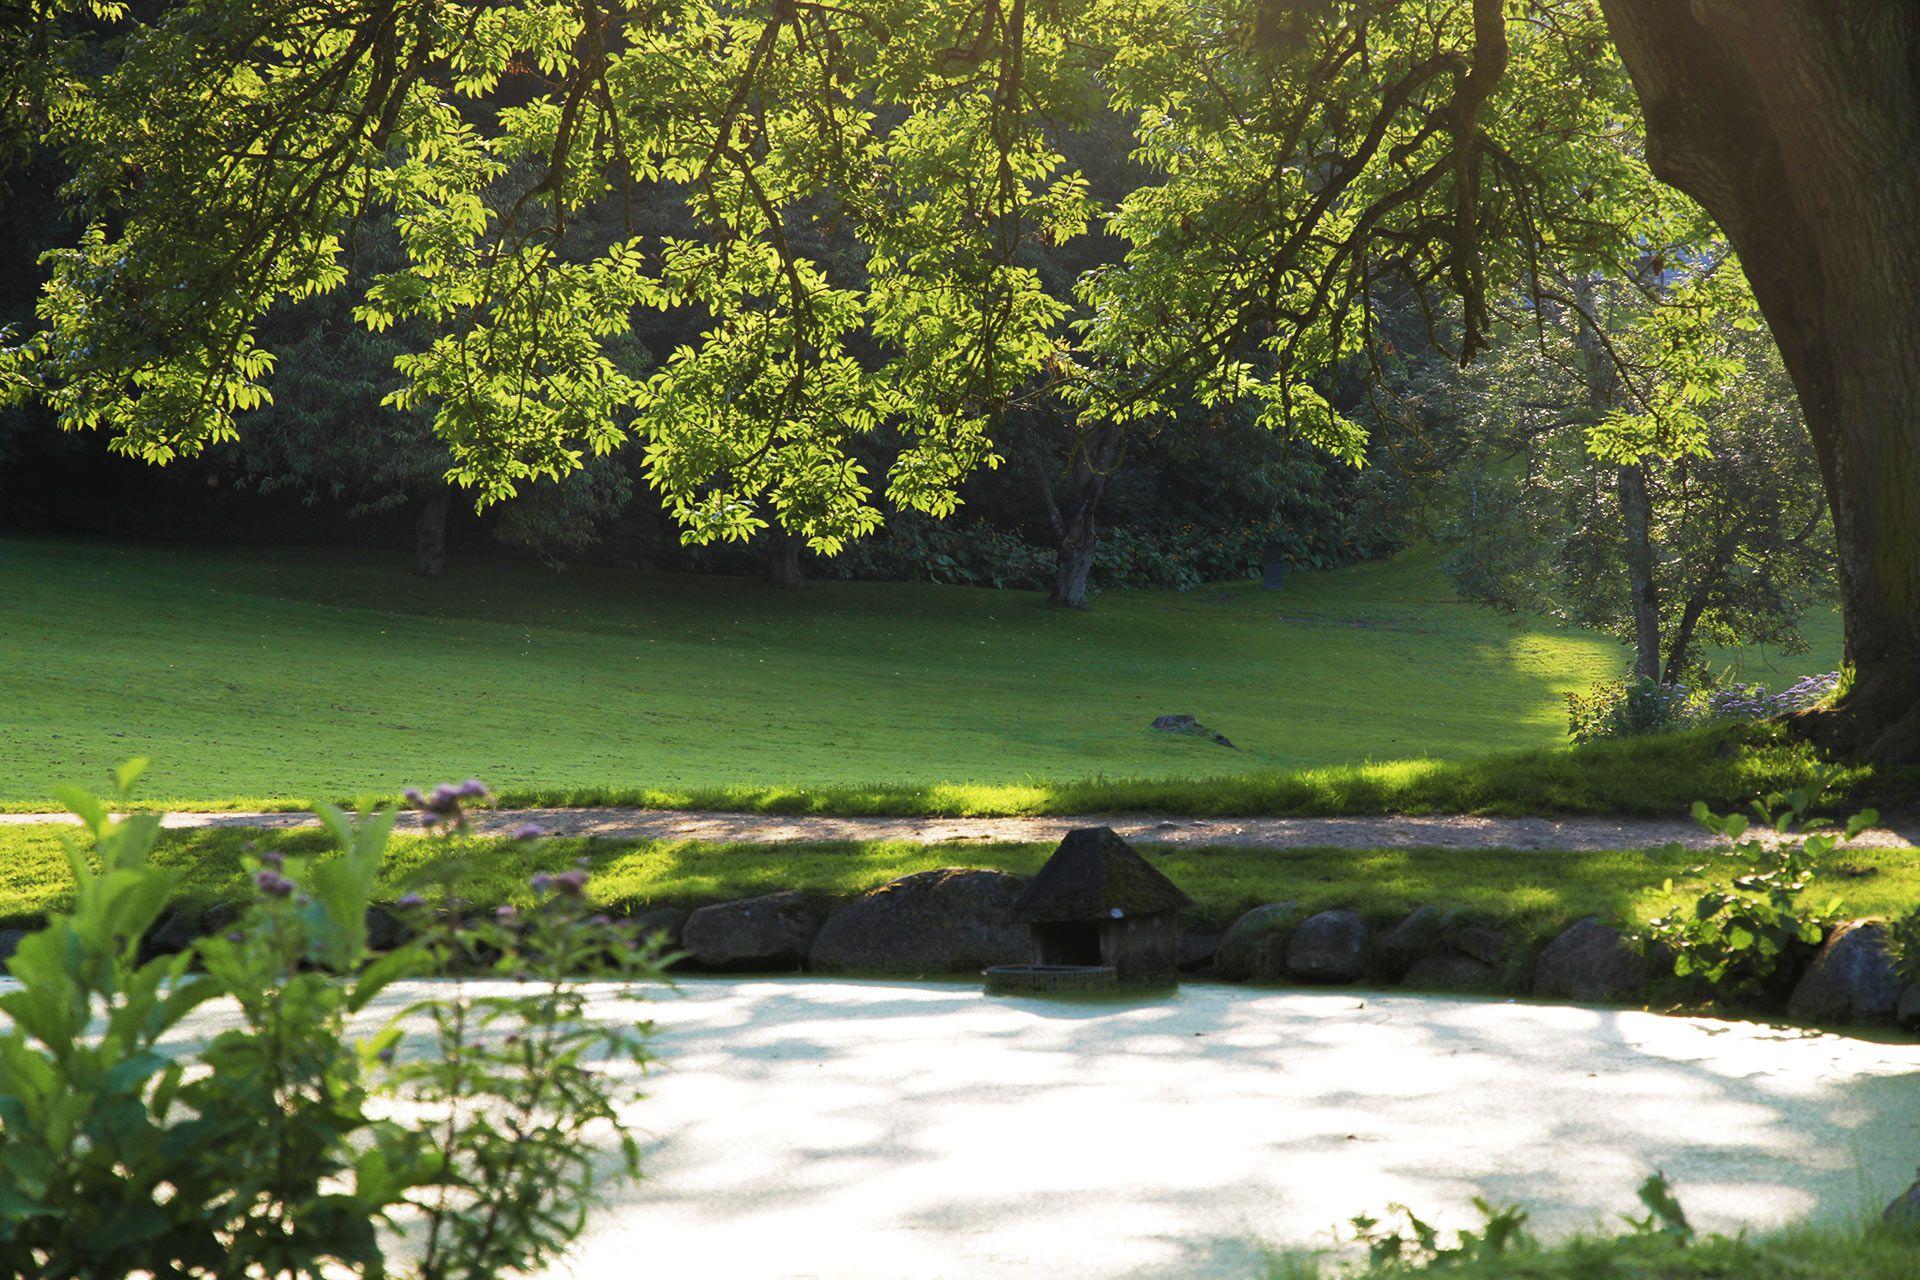 Full Size of Bewässerungssysteme Garten Bewsserung Warning Landschaftsbau Relaxsessel Aldi Pergola Kandelaber Pool Im Bauen Pavillon Trennwände Beistelltisch Spielhaus Garten Bewässerungssysteme Garten